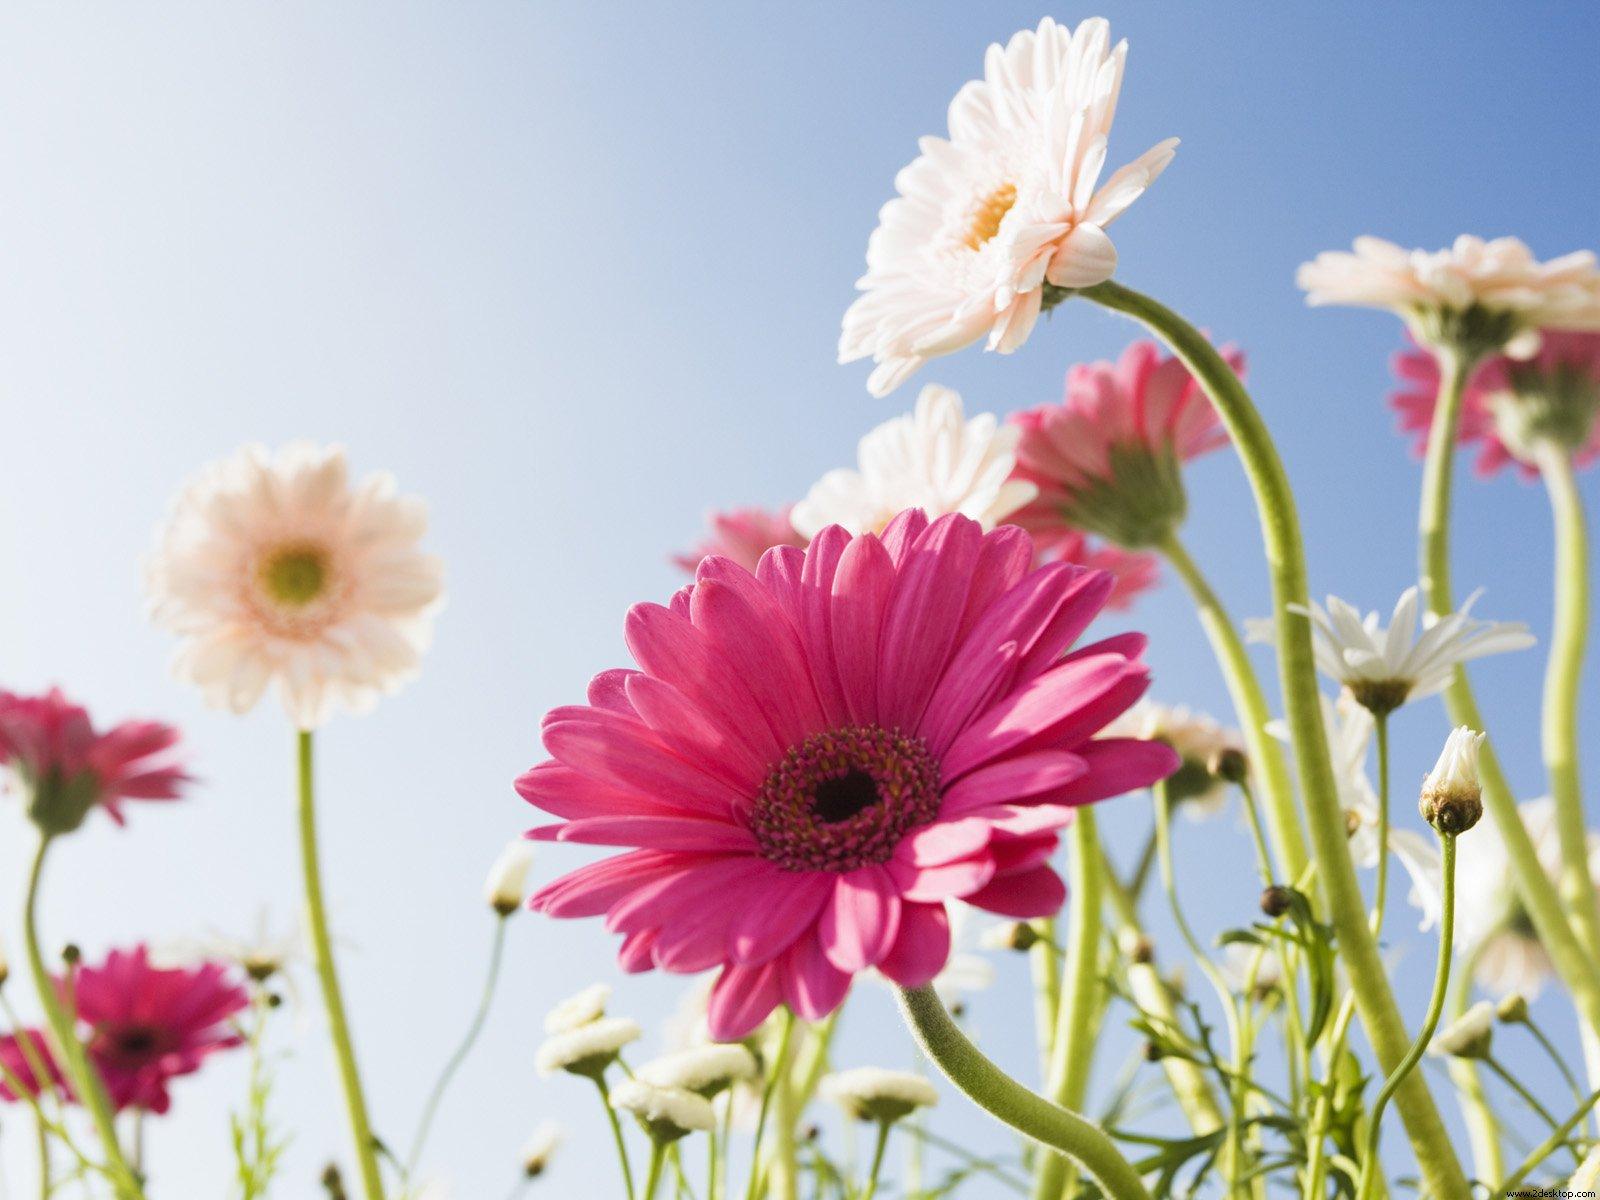 Imagenes Con Flores Naturales - Imágenes De Flores Hermosas Naturales Para Regalar